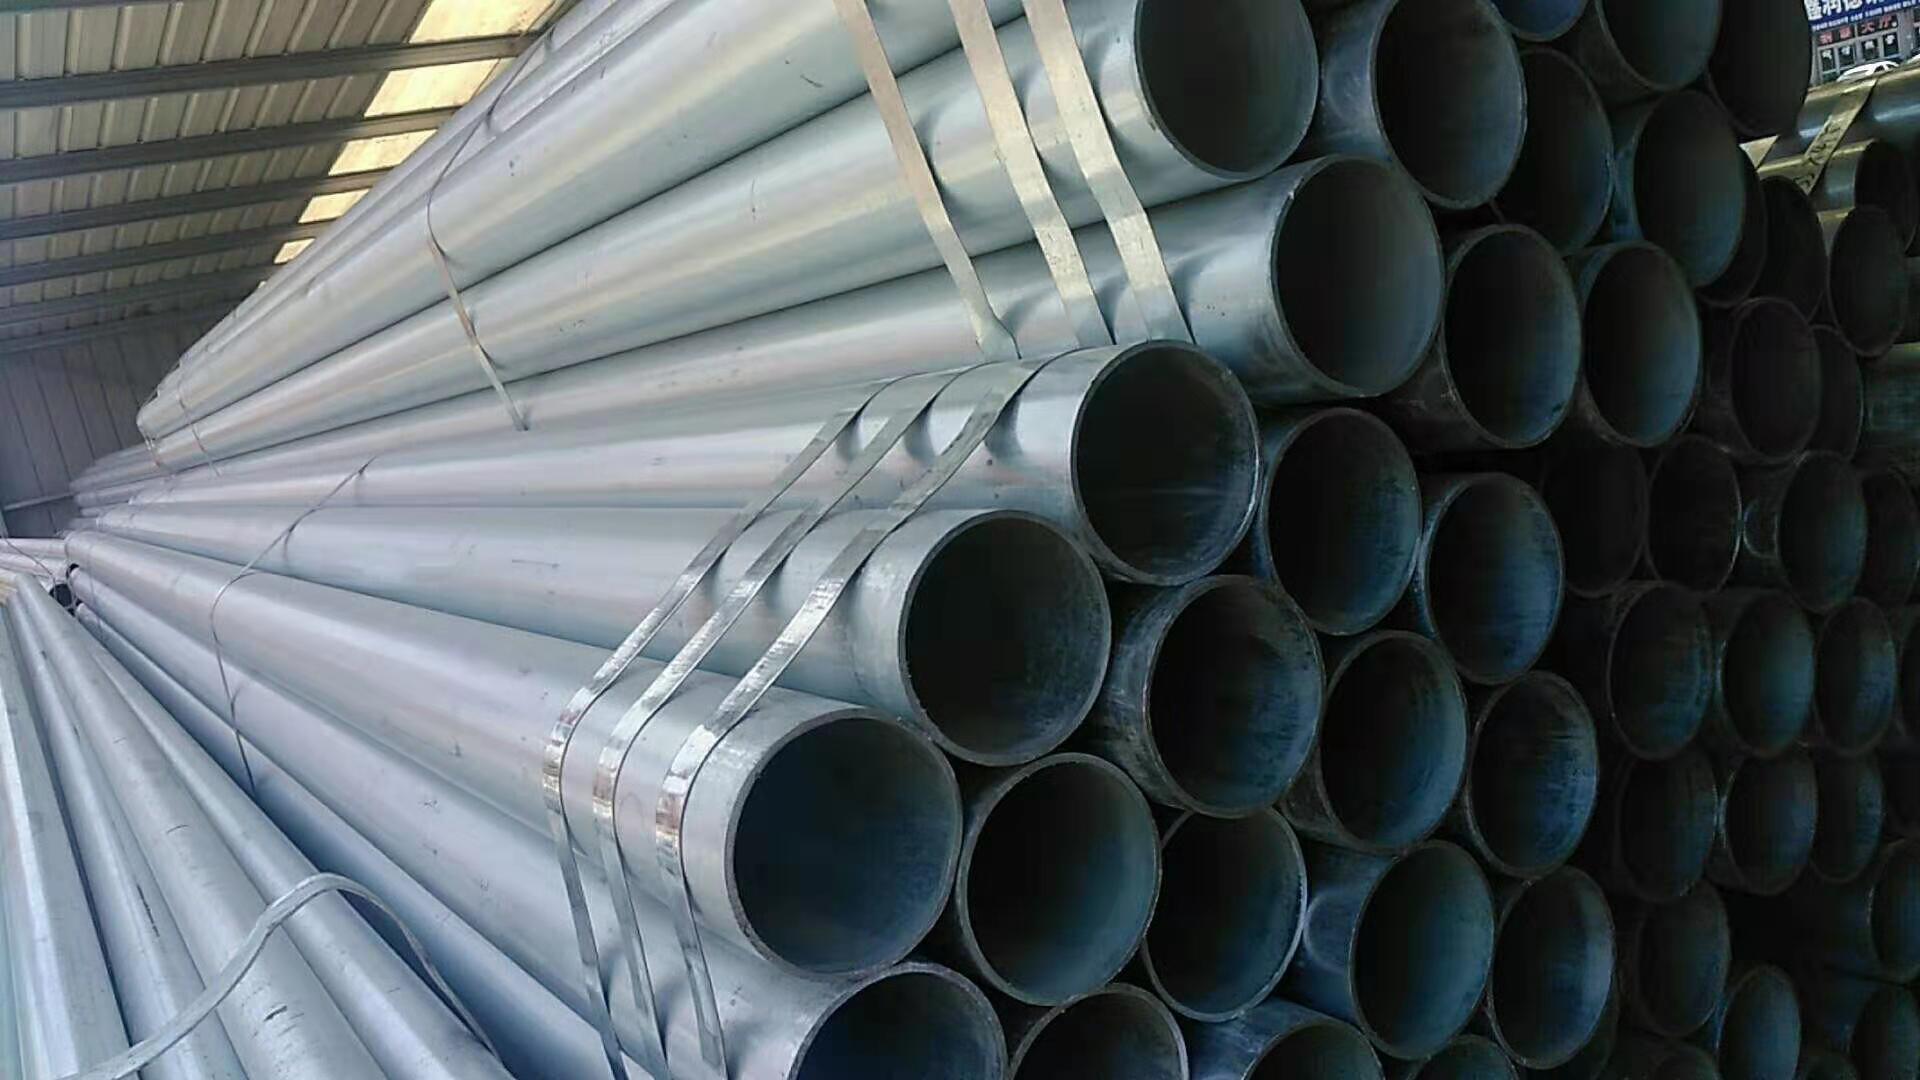 供应5310无缝钢管经销商_墨龙无缝钢管切割-天津玖隆钢管有限公司